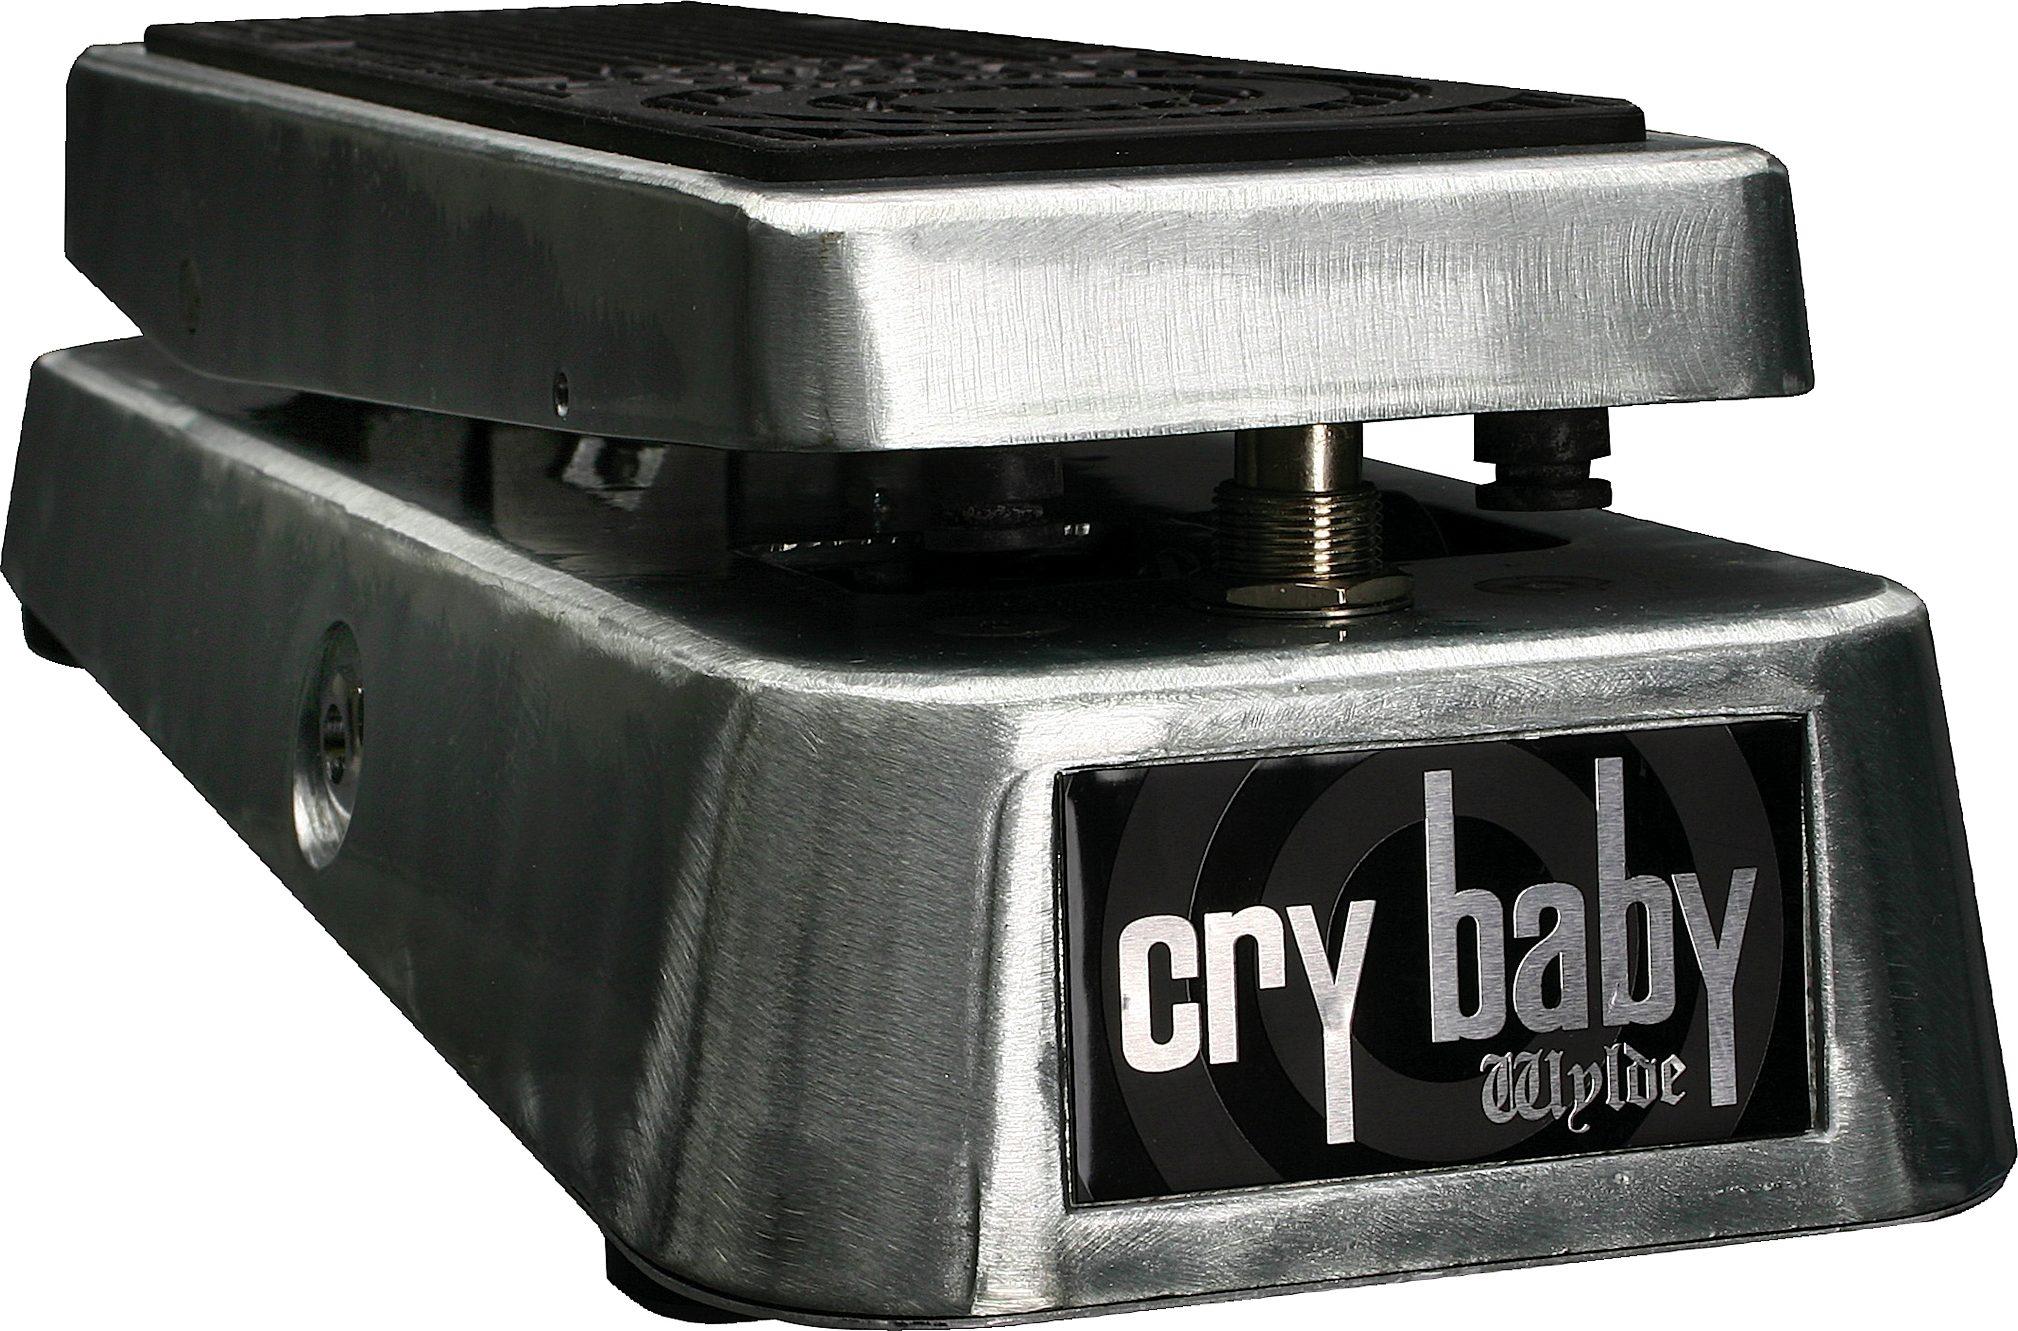 Dunlop Zw45 Zakk Wylde Crybaby Wah Pedal